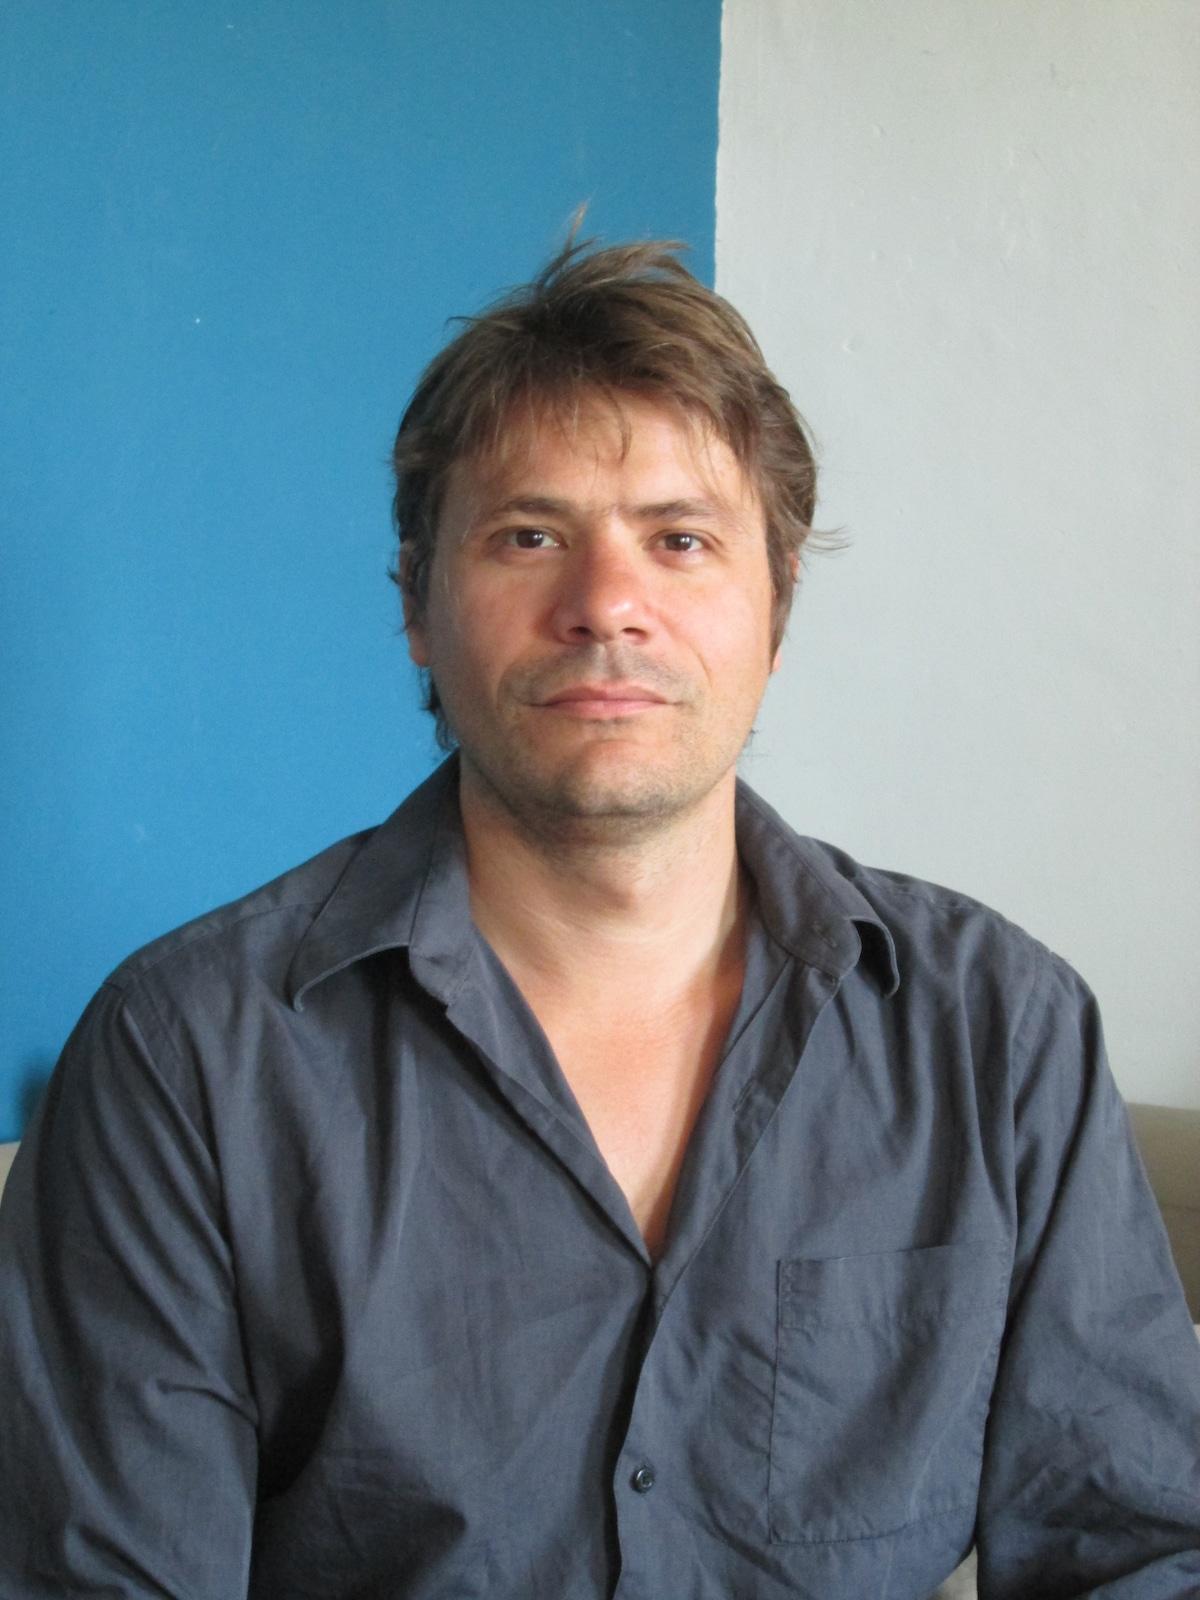 Sylvain From Villeneuve-lès-Avignon, France